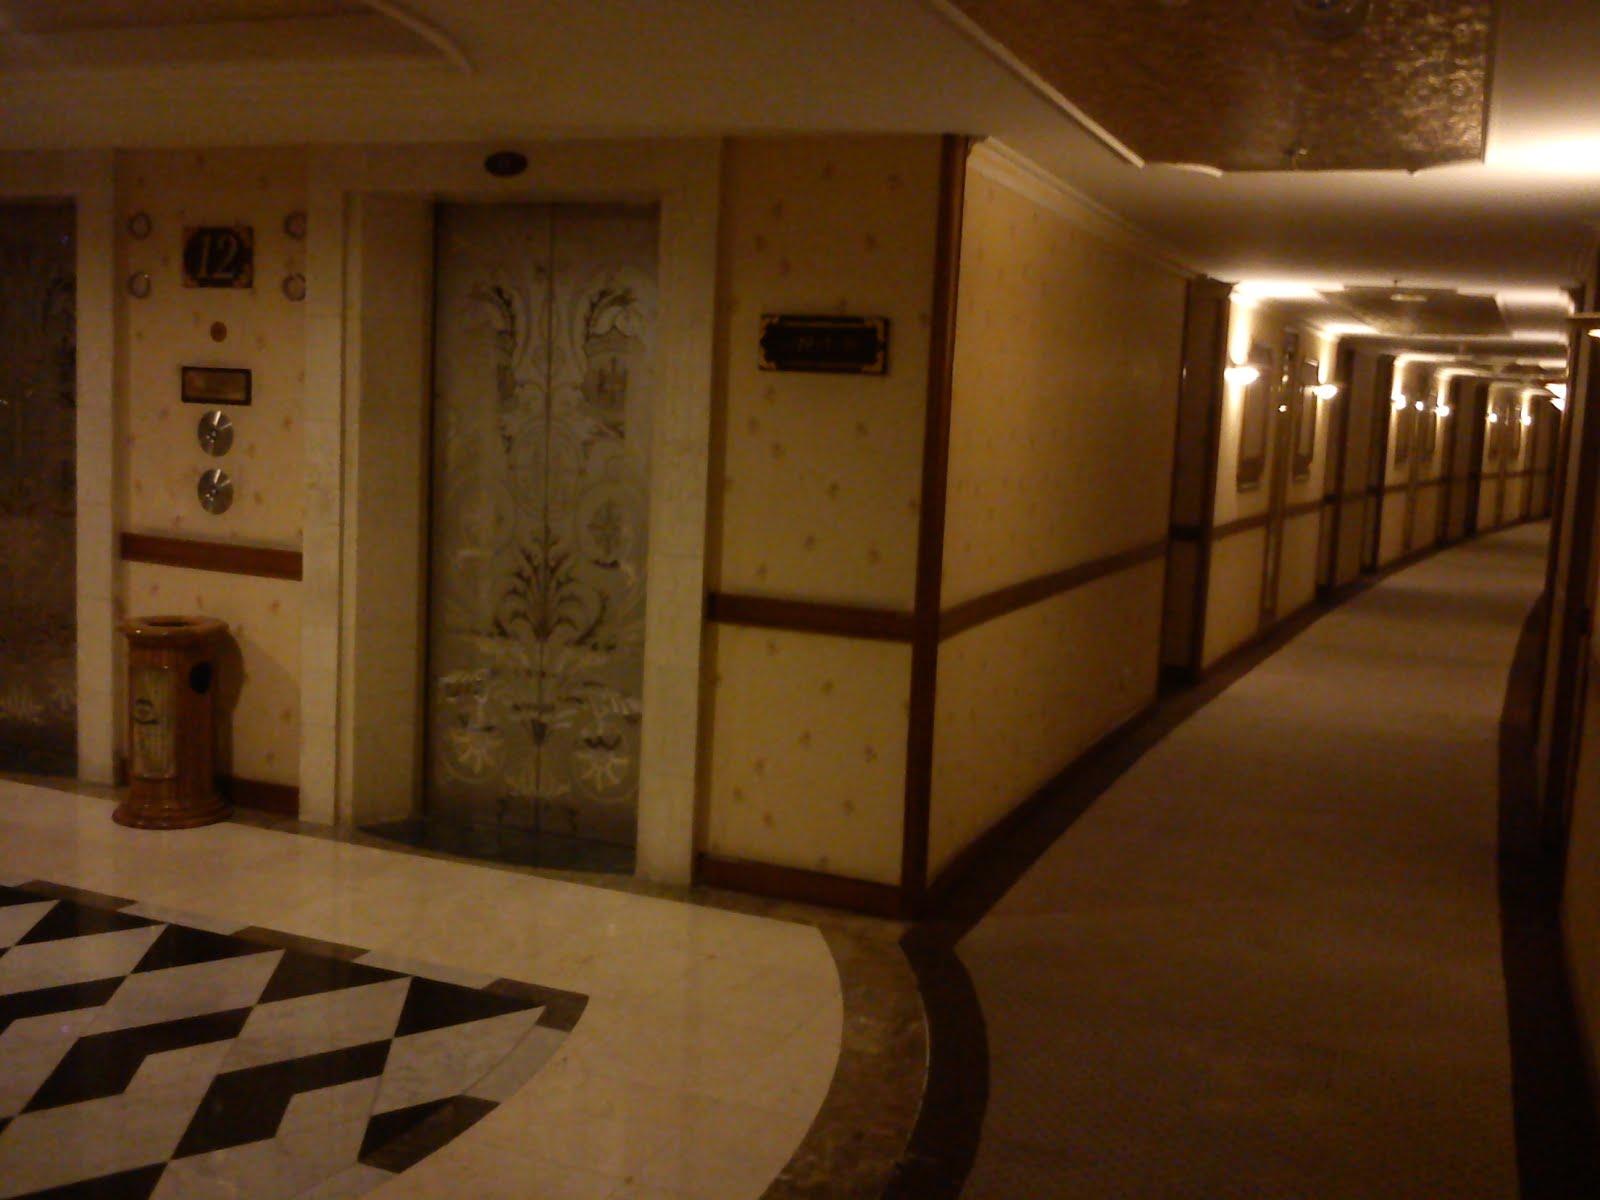 Daftar Hotel Murah Di Bengkulu 2017 Yang Aman Dan Nyaman